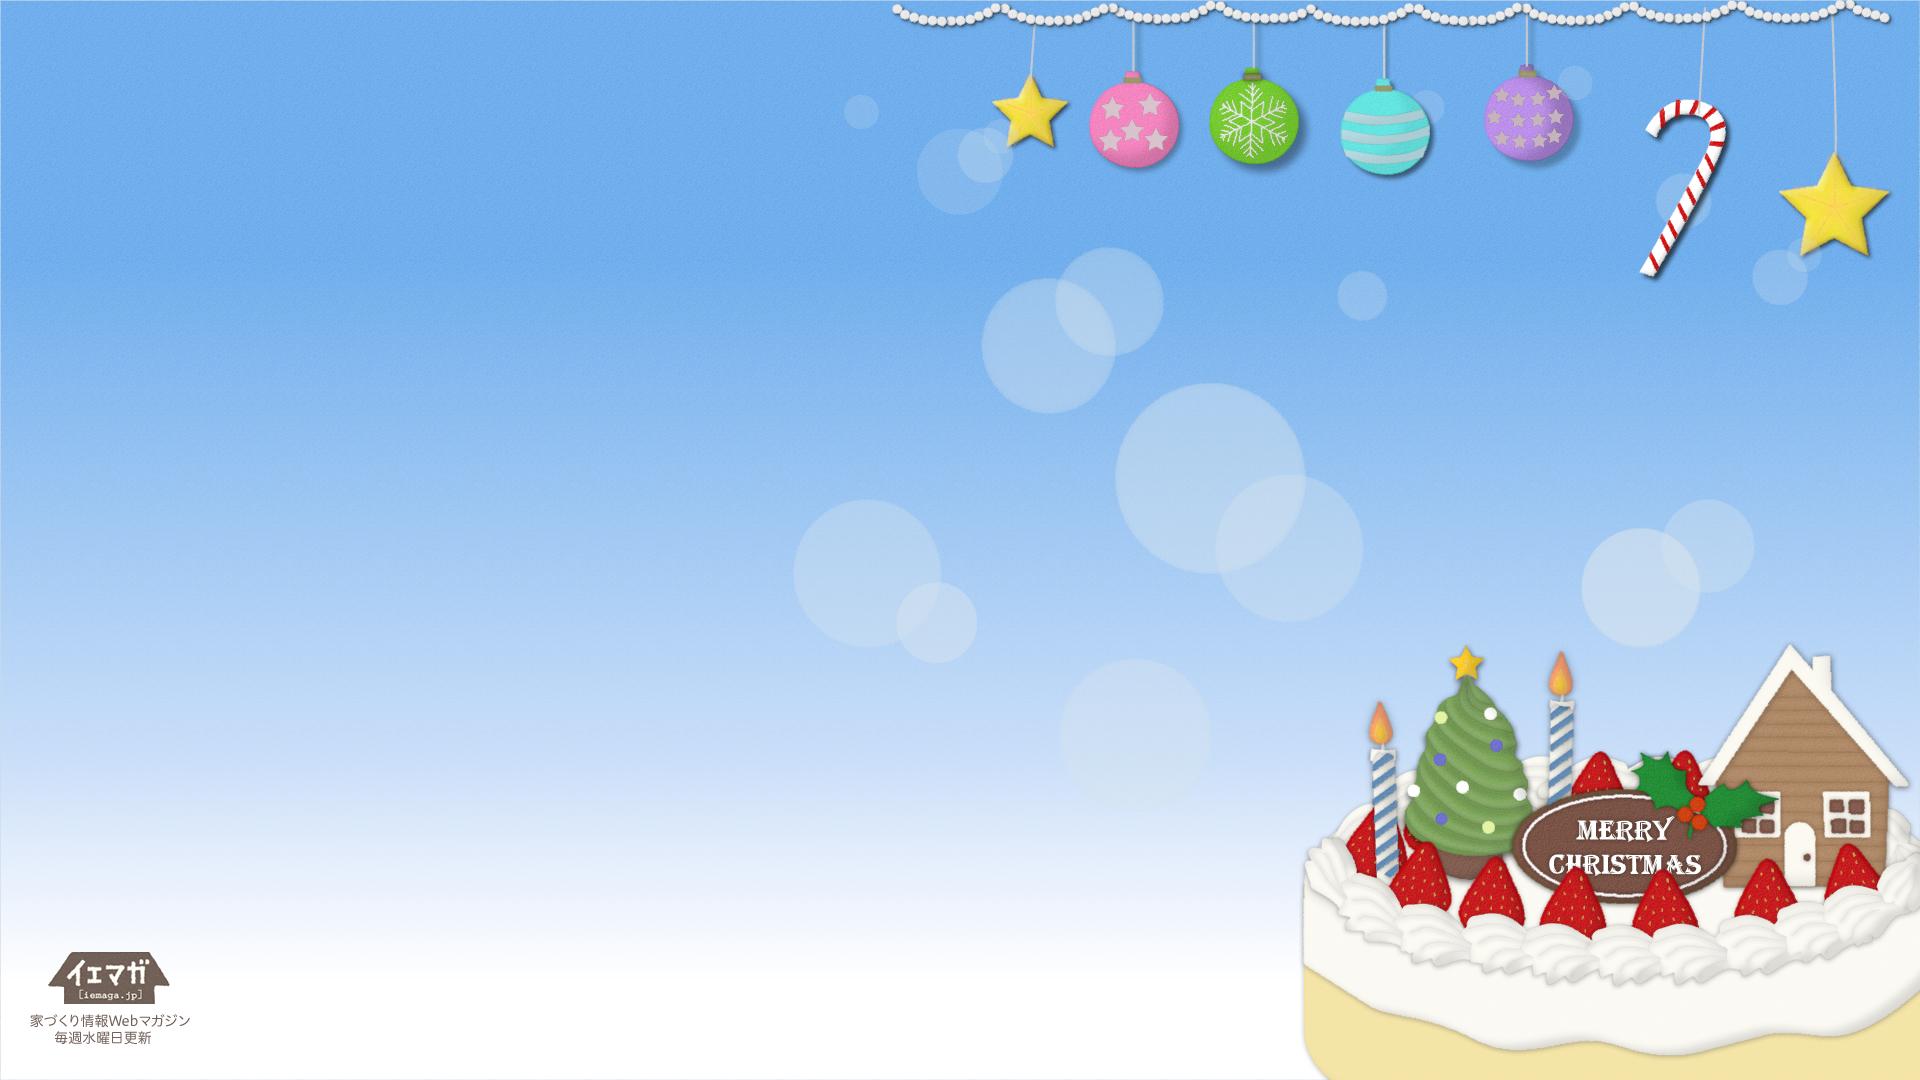 壁紙 カレンダー ダウンロード クリスマス ケーキ 壁紙 1024 768